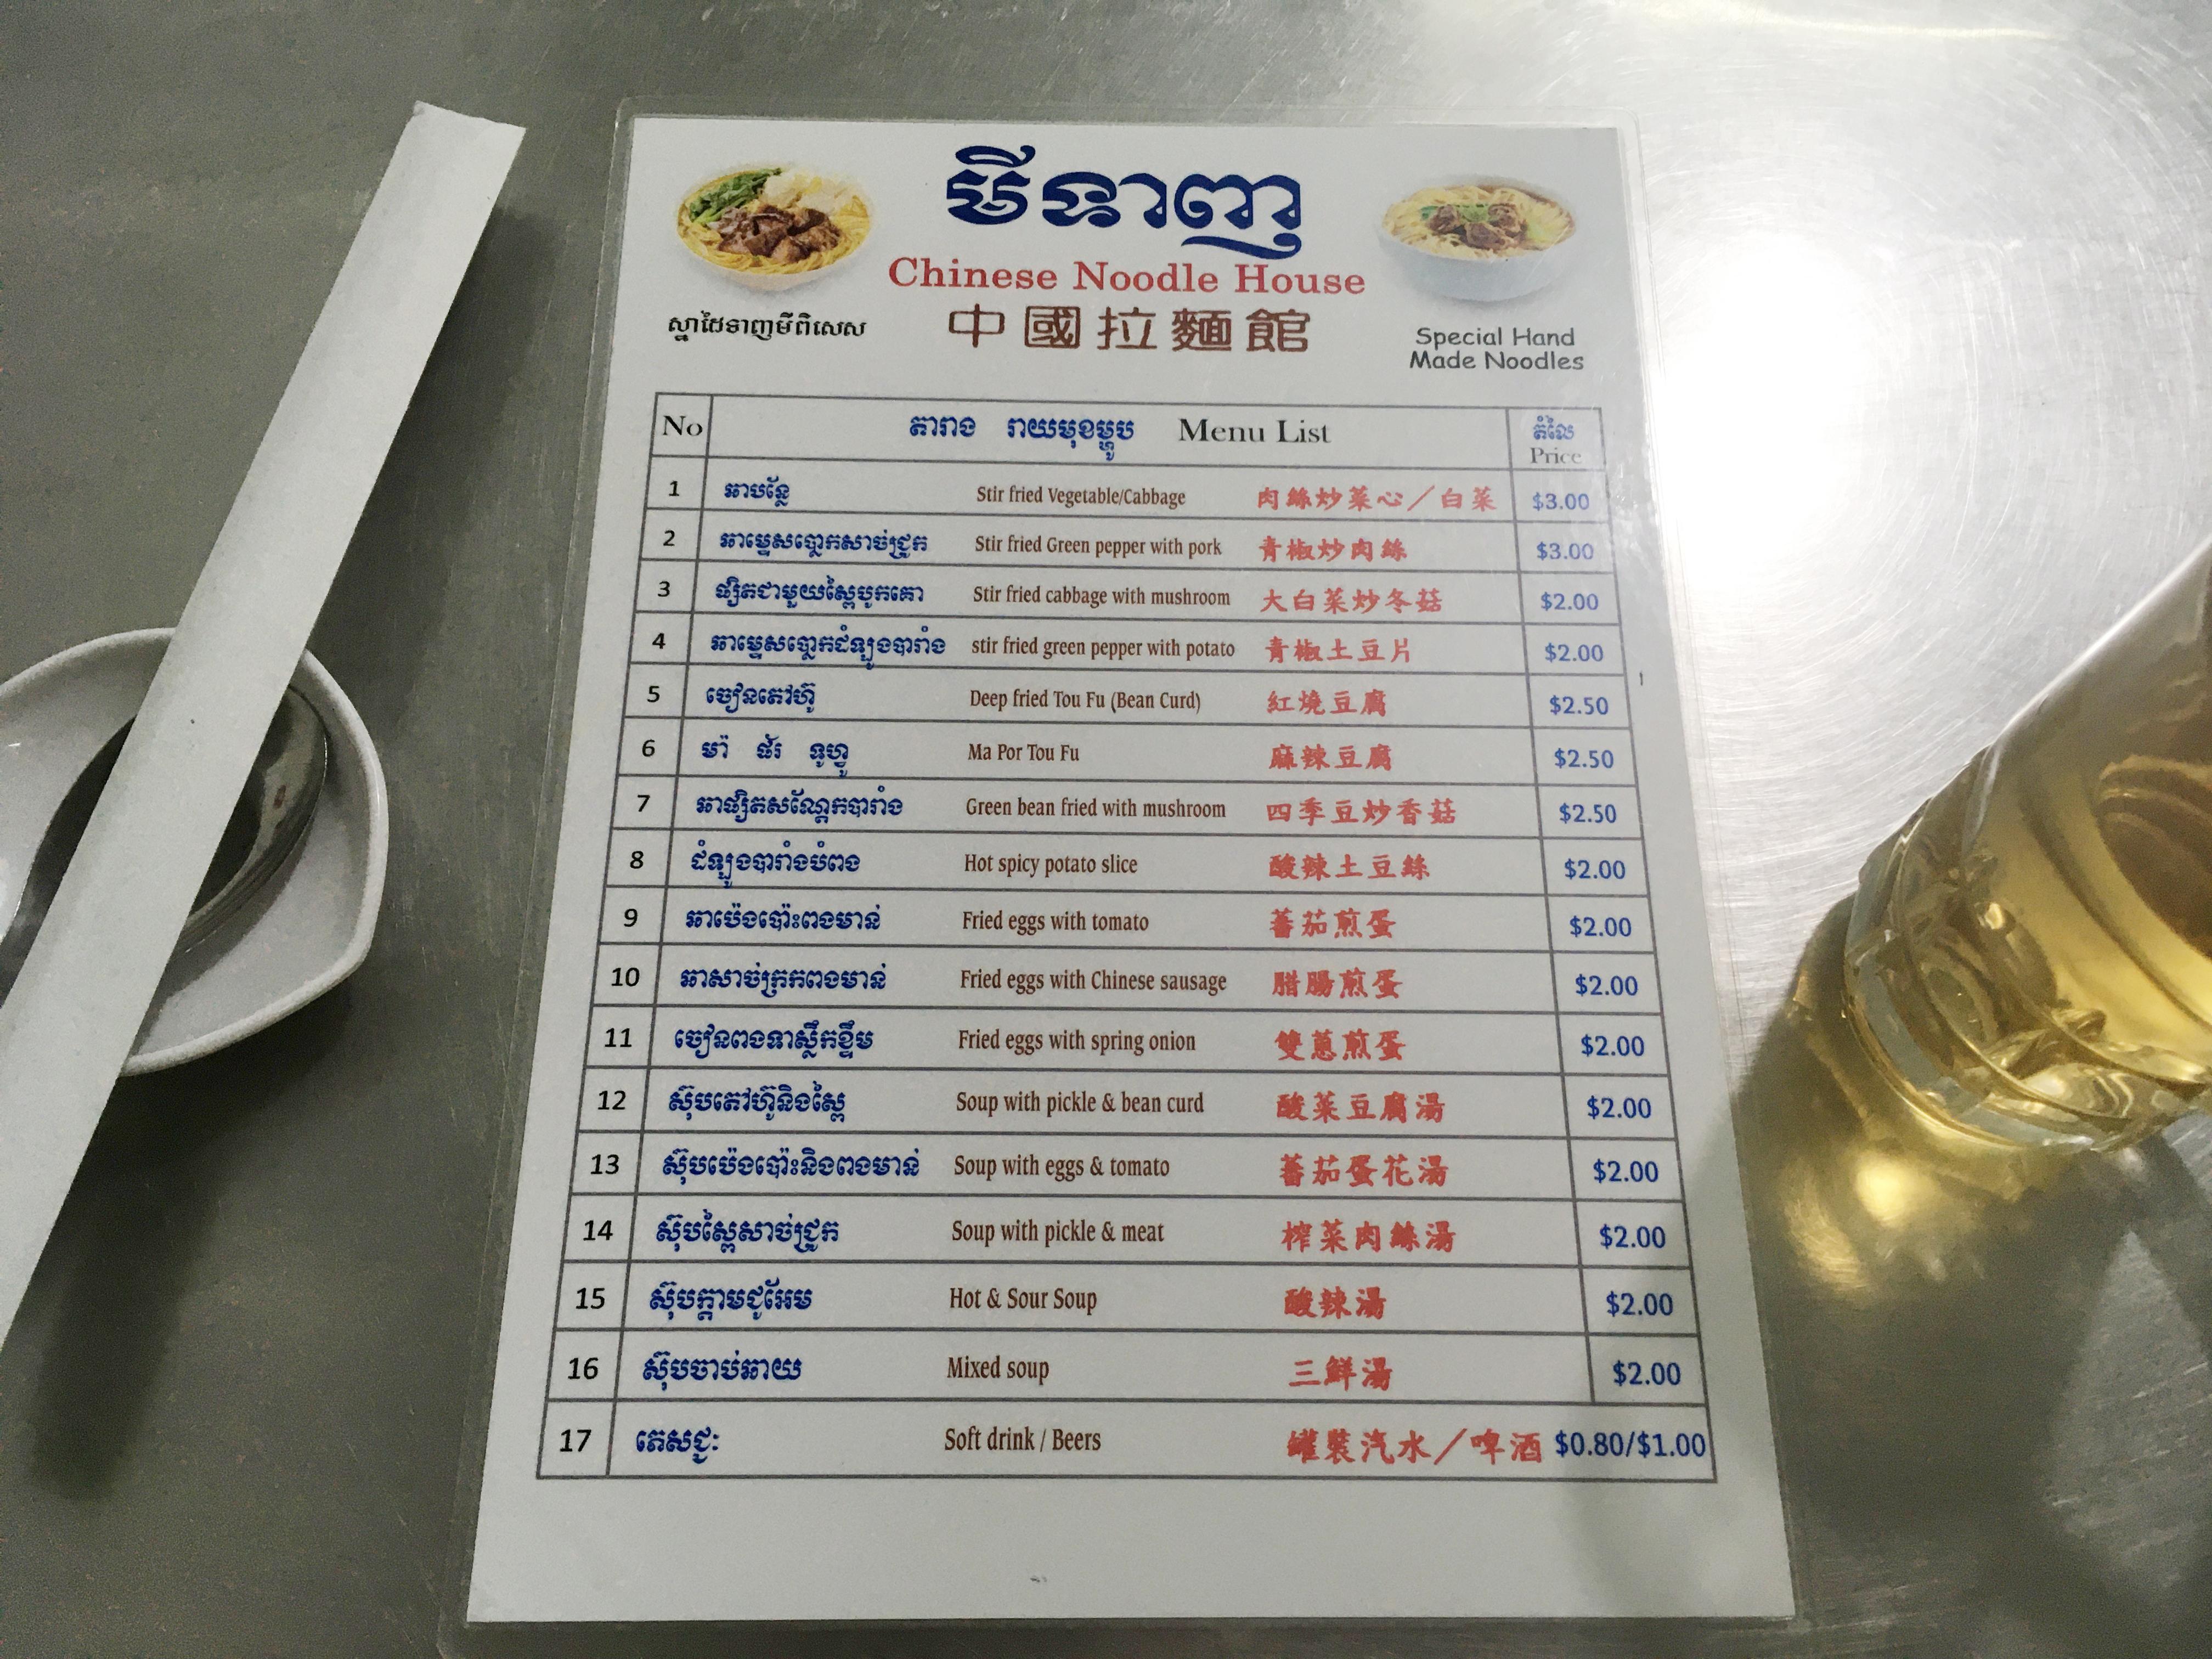 ローカルの中華料理屋さんのメニュー。なんと3ヵ国語表記。